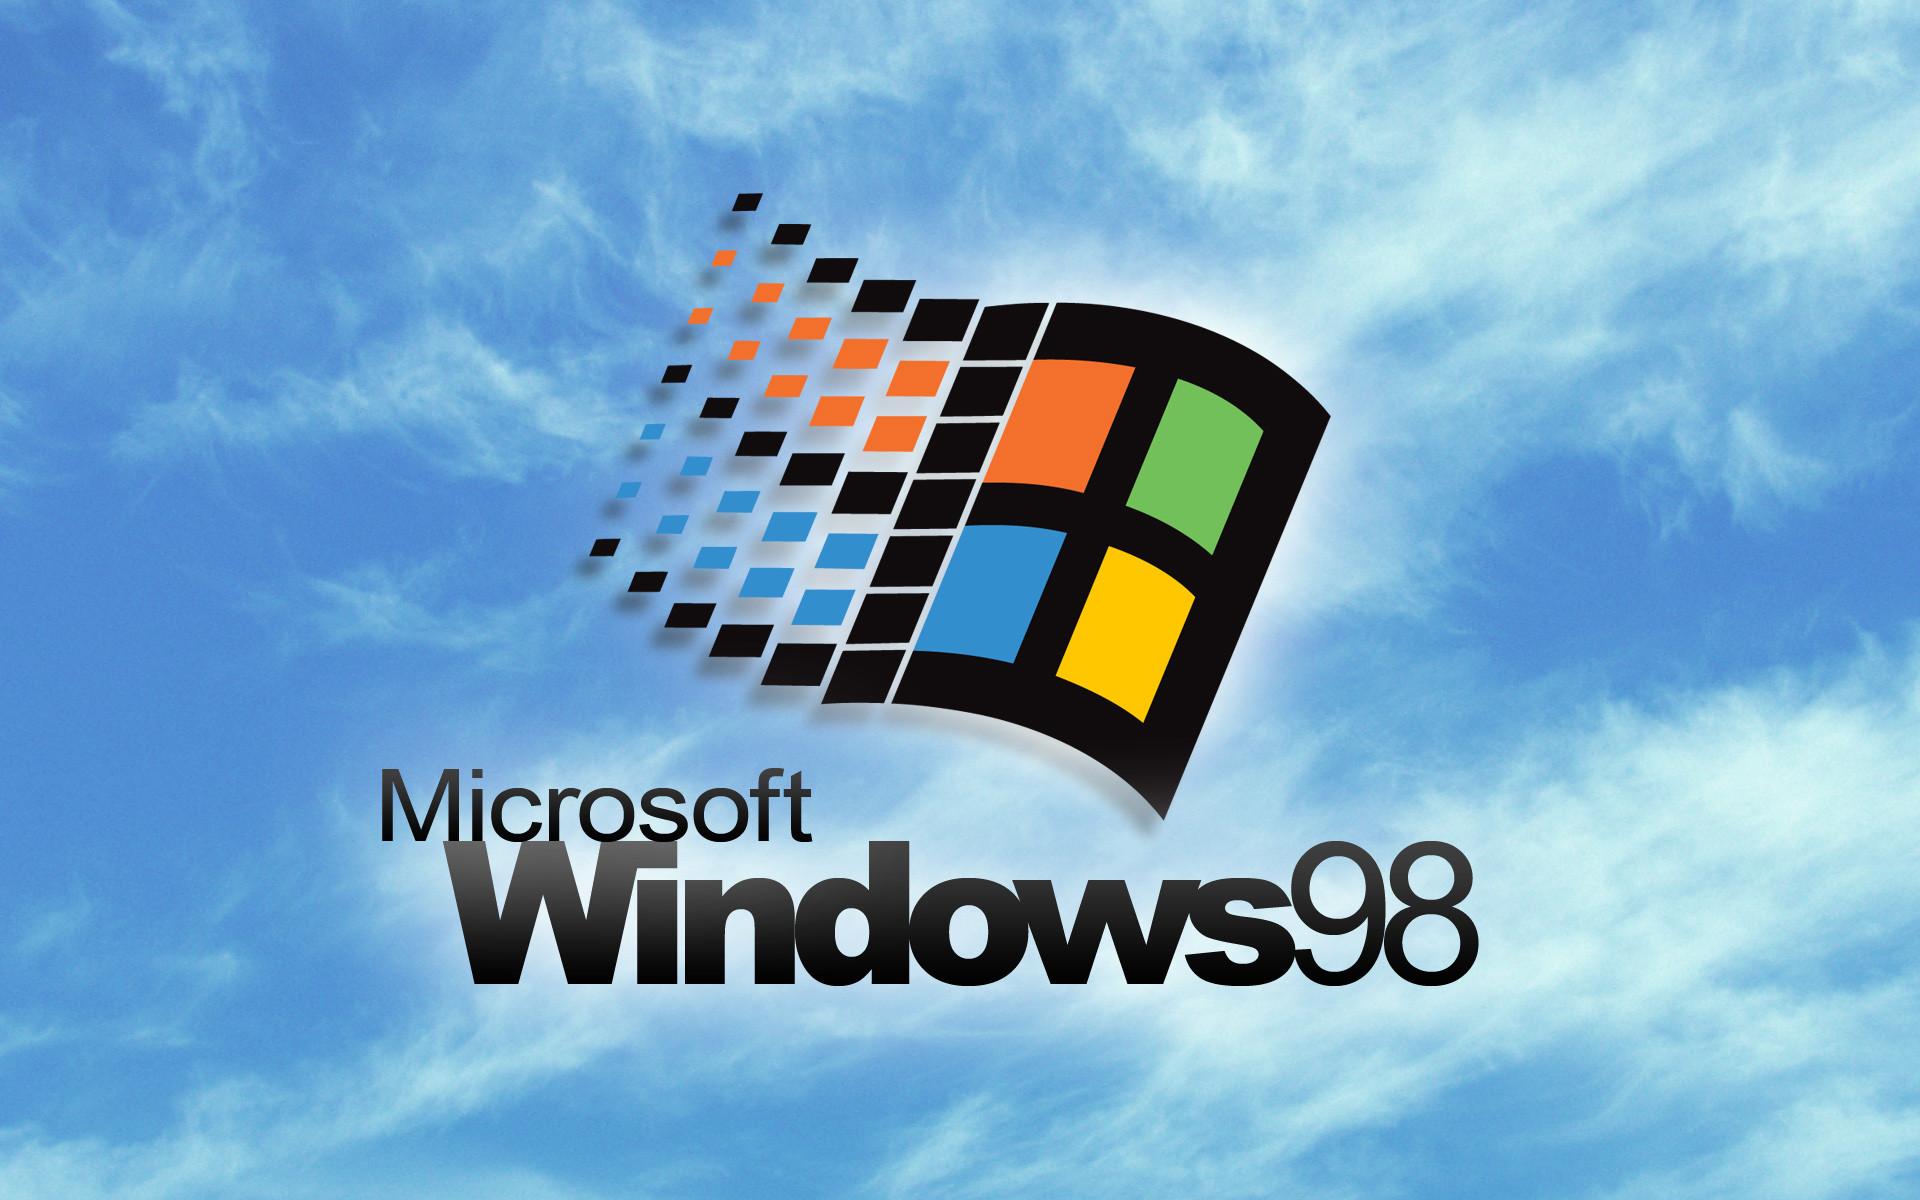 Windows `98 loading screen wallpaper: …